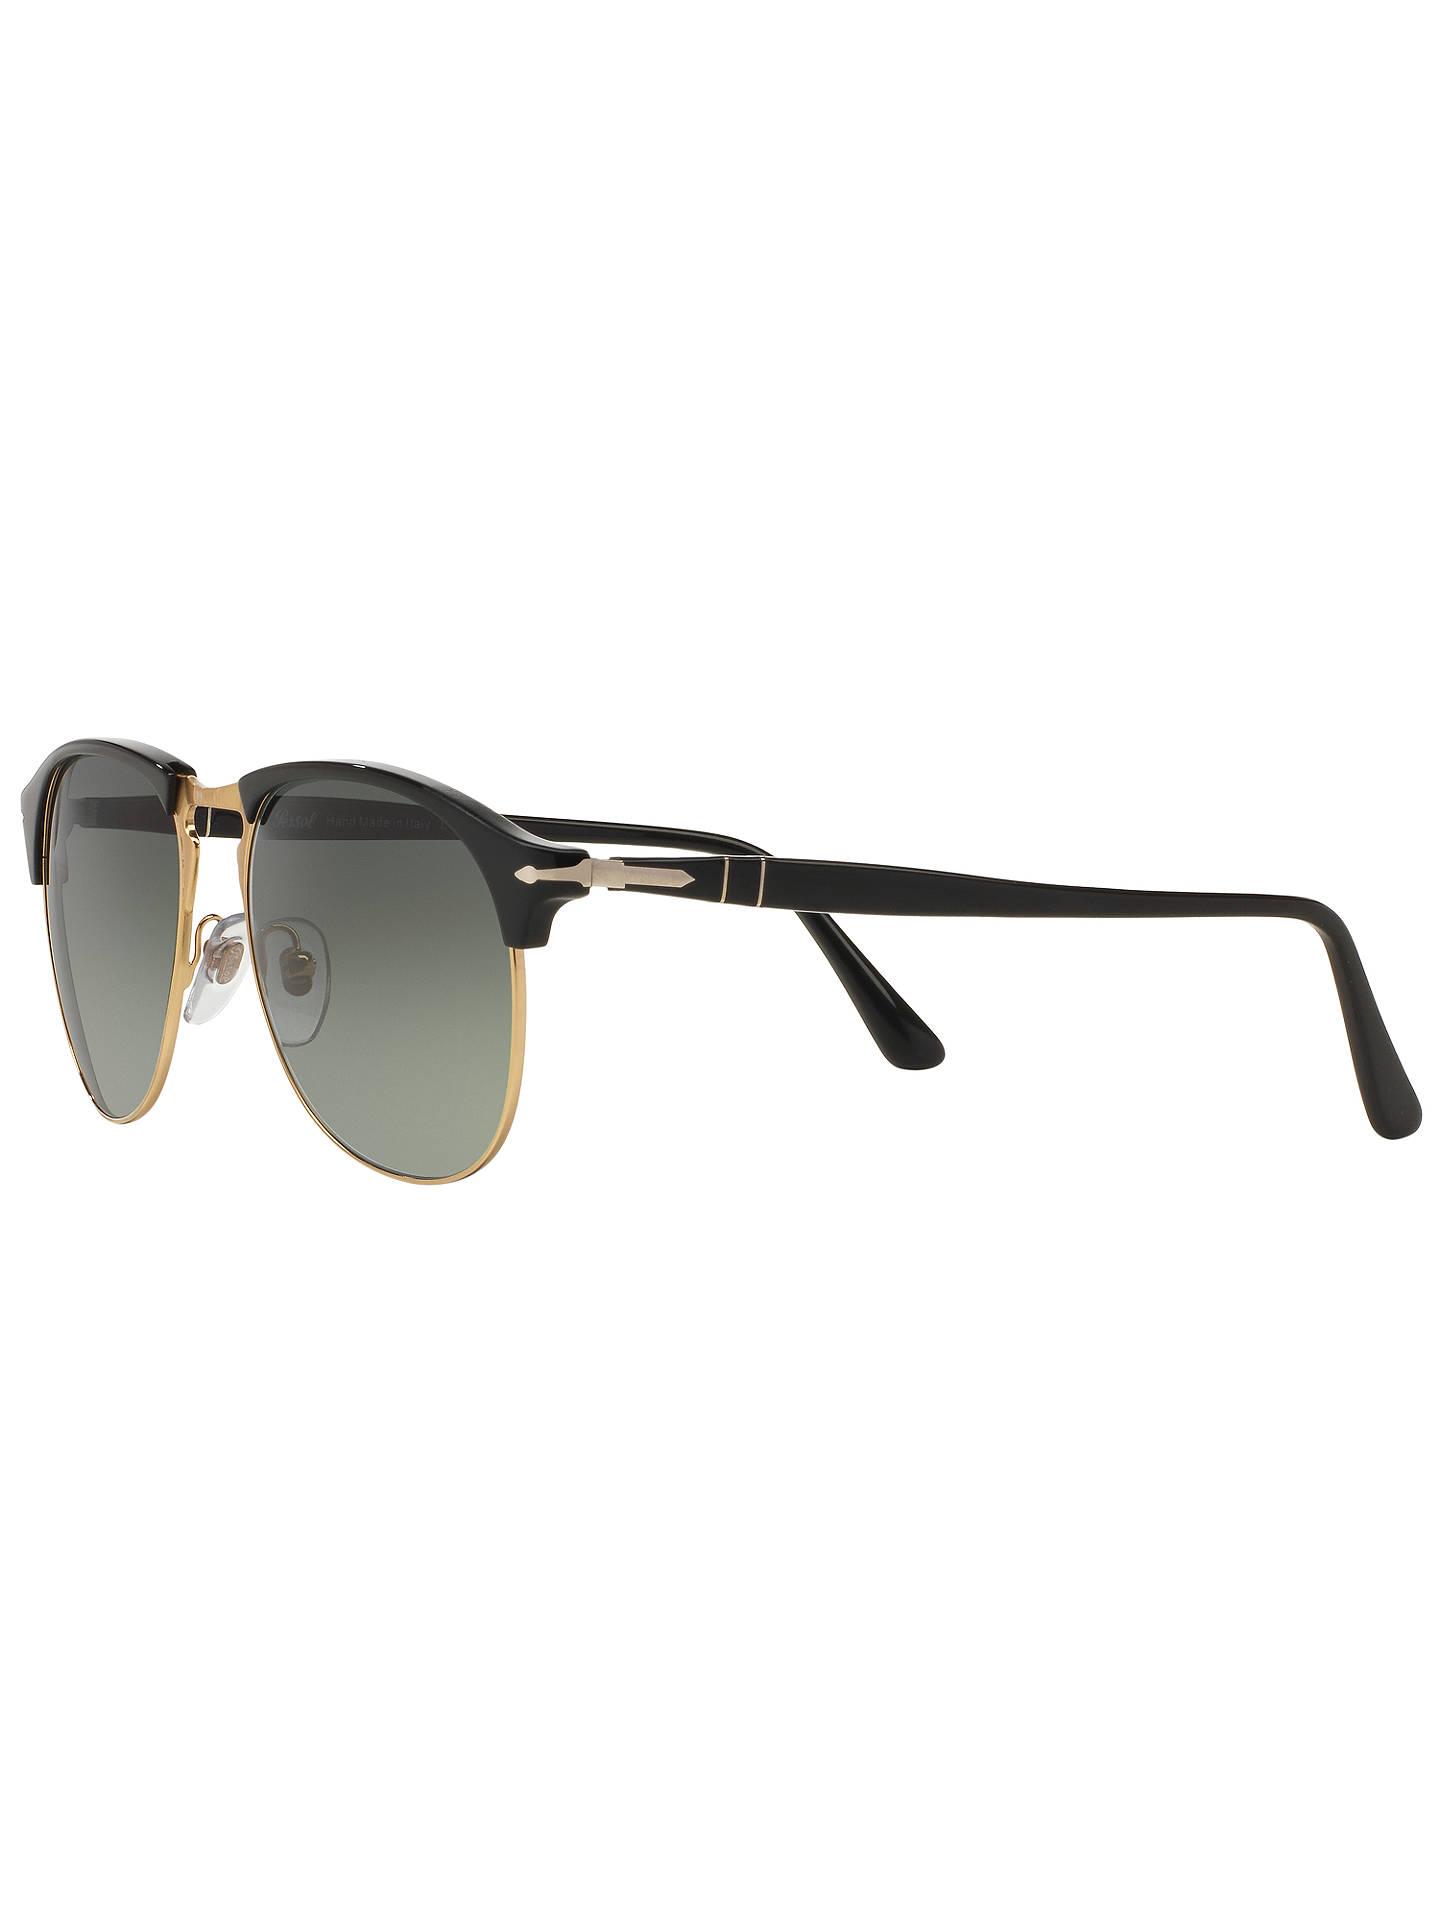 d95ea3b899 ... Buy Persol PO8649S Aviator Sunglasses